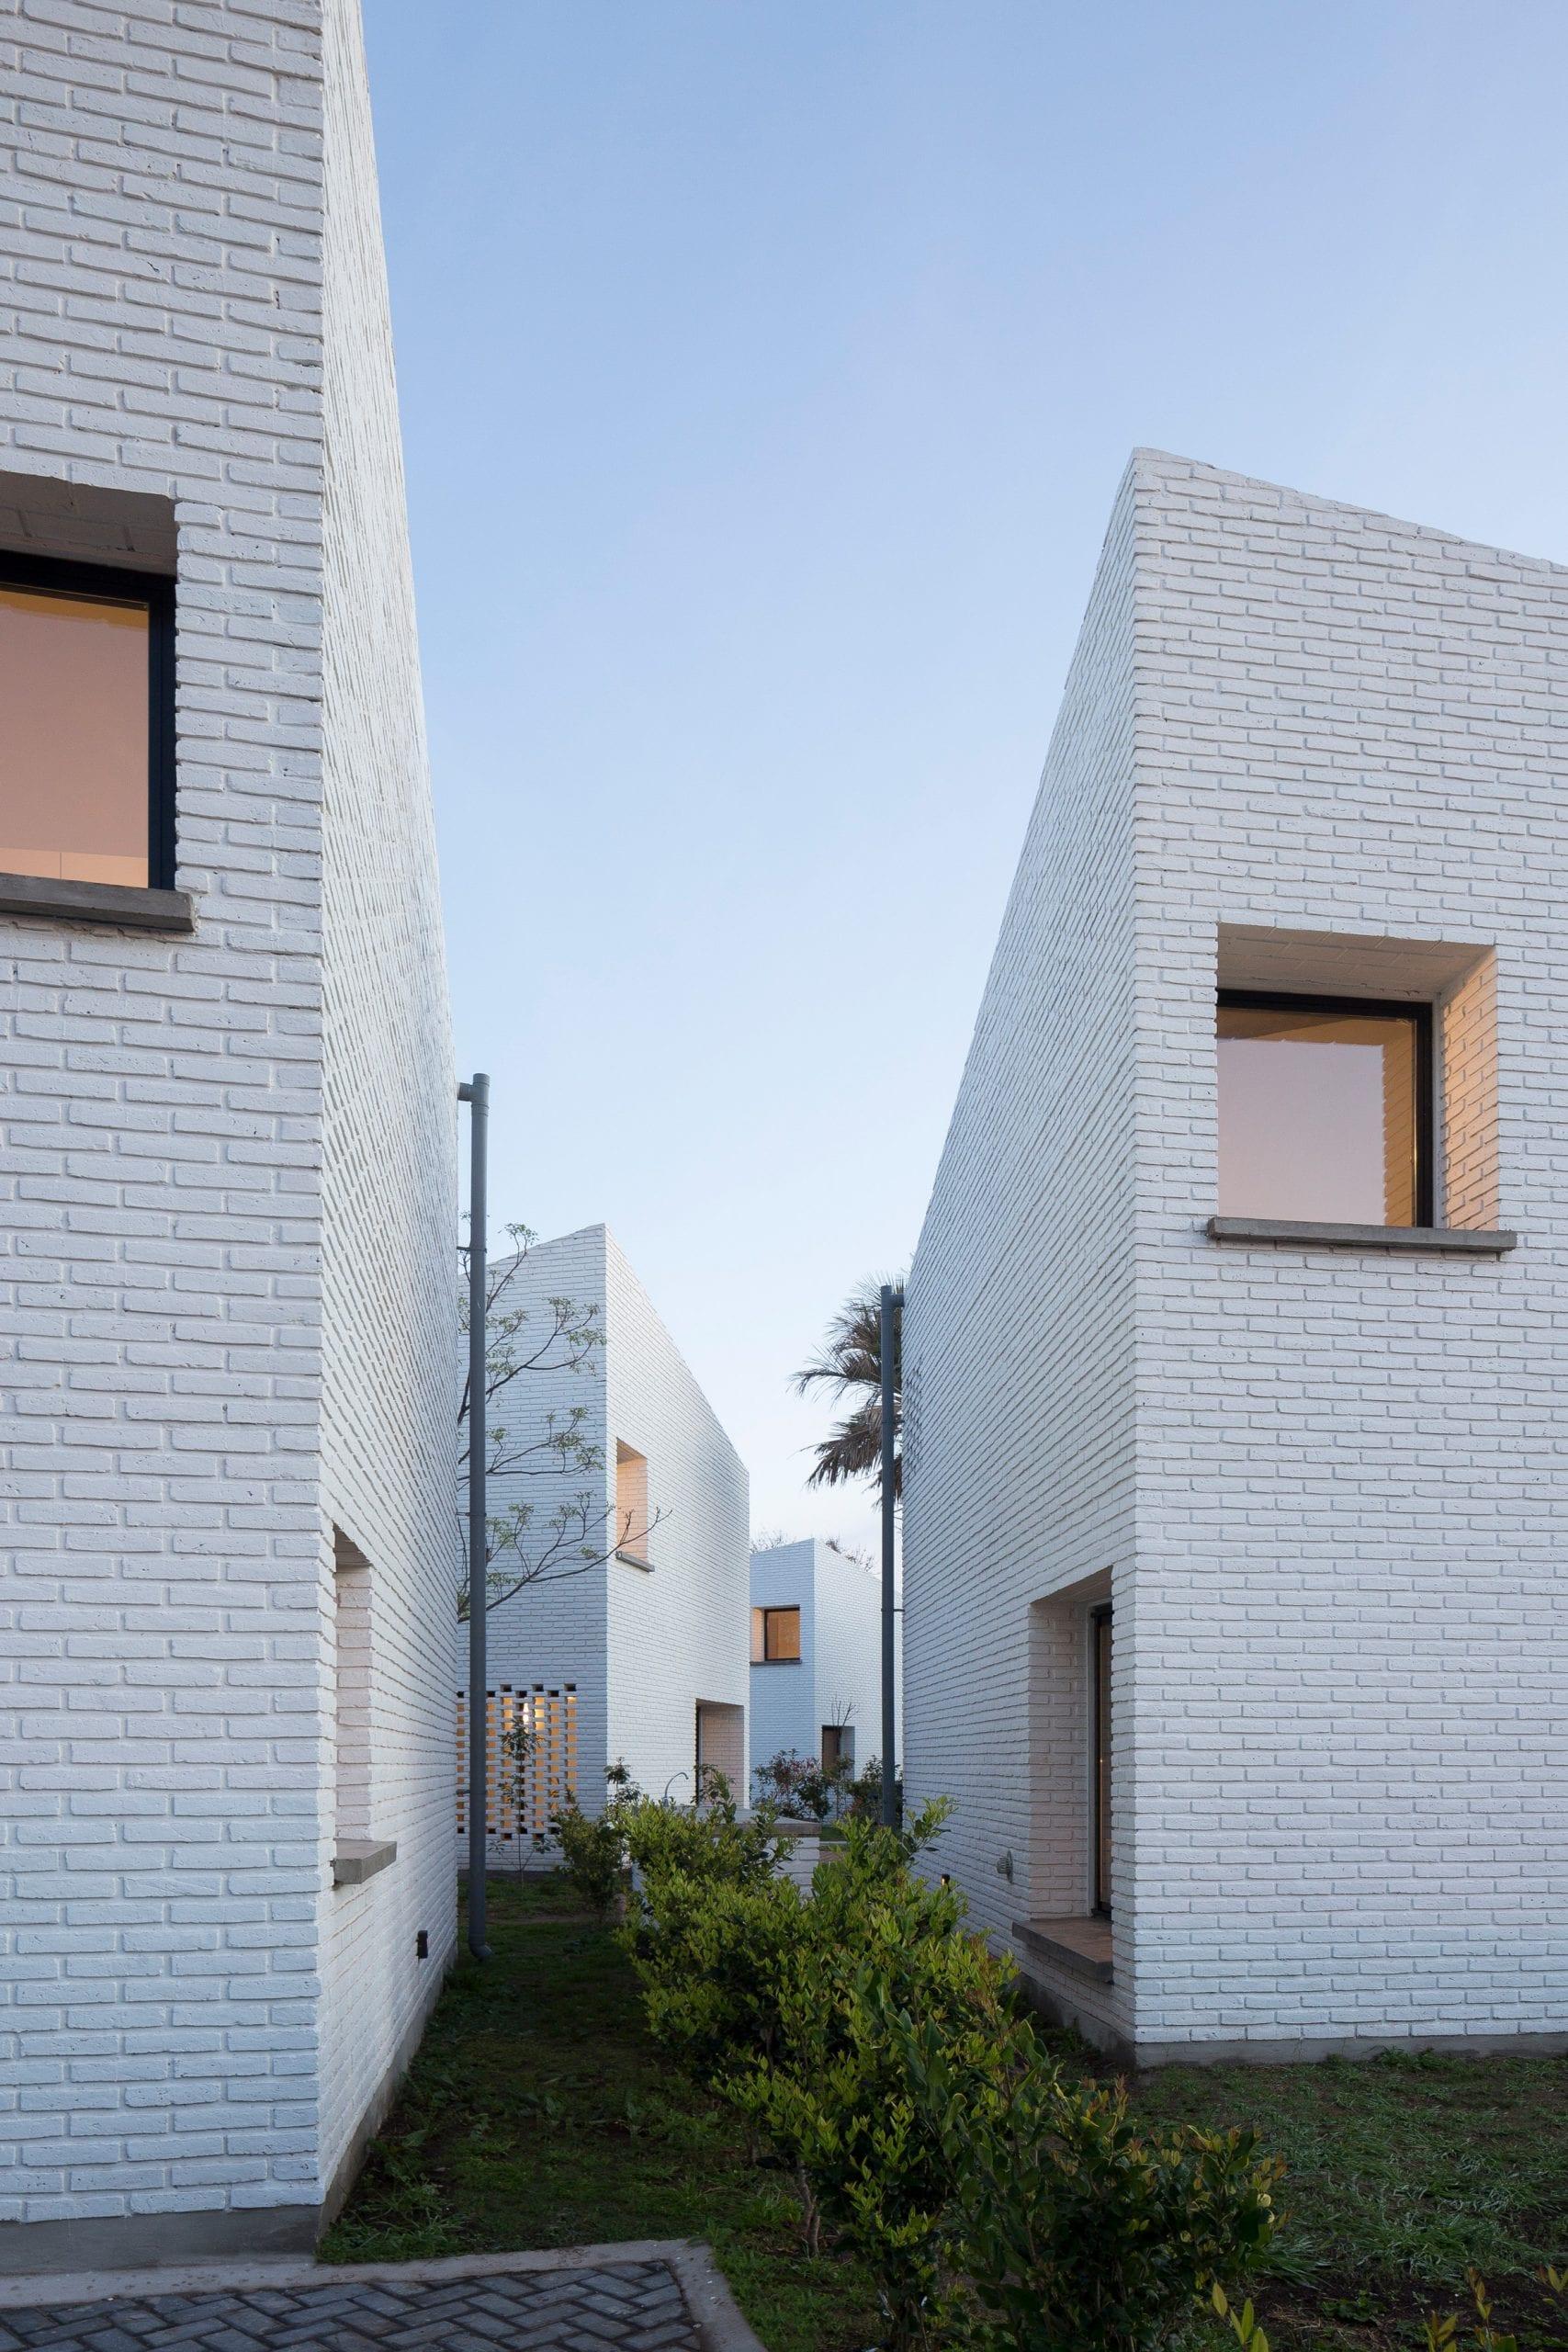 White facades